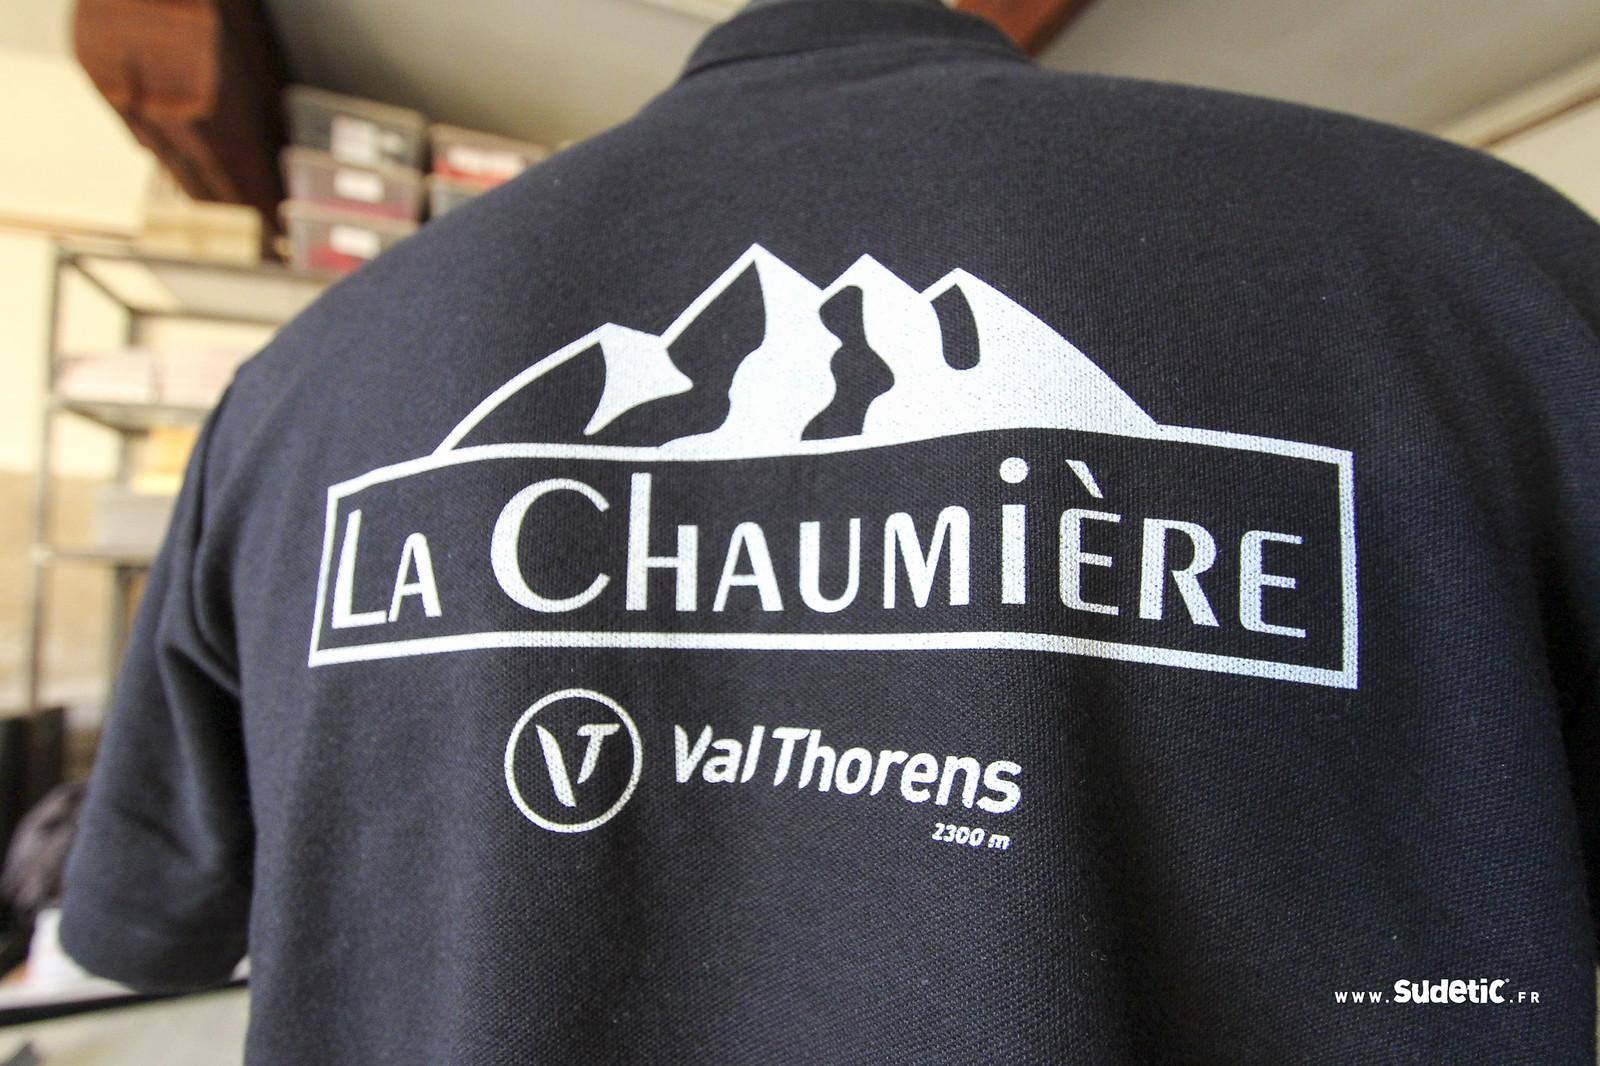 Sudetic textile La Chaumiere Val Thorens-6